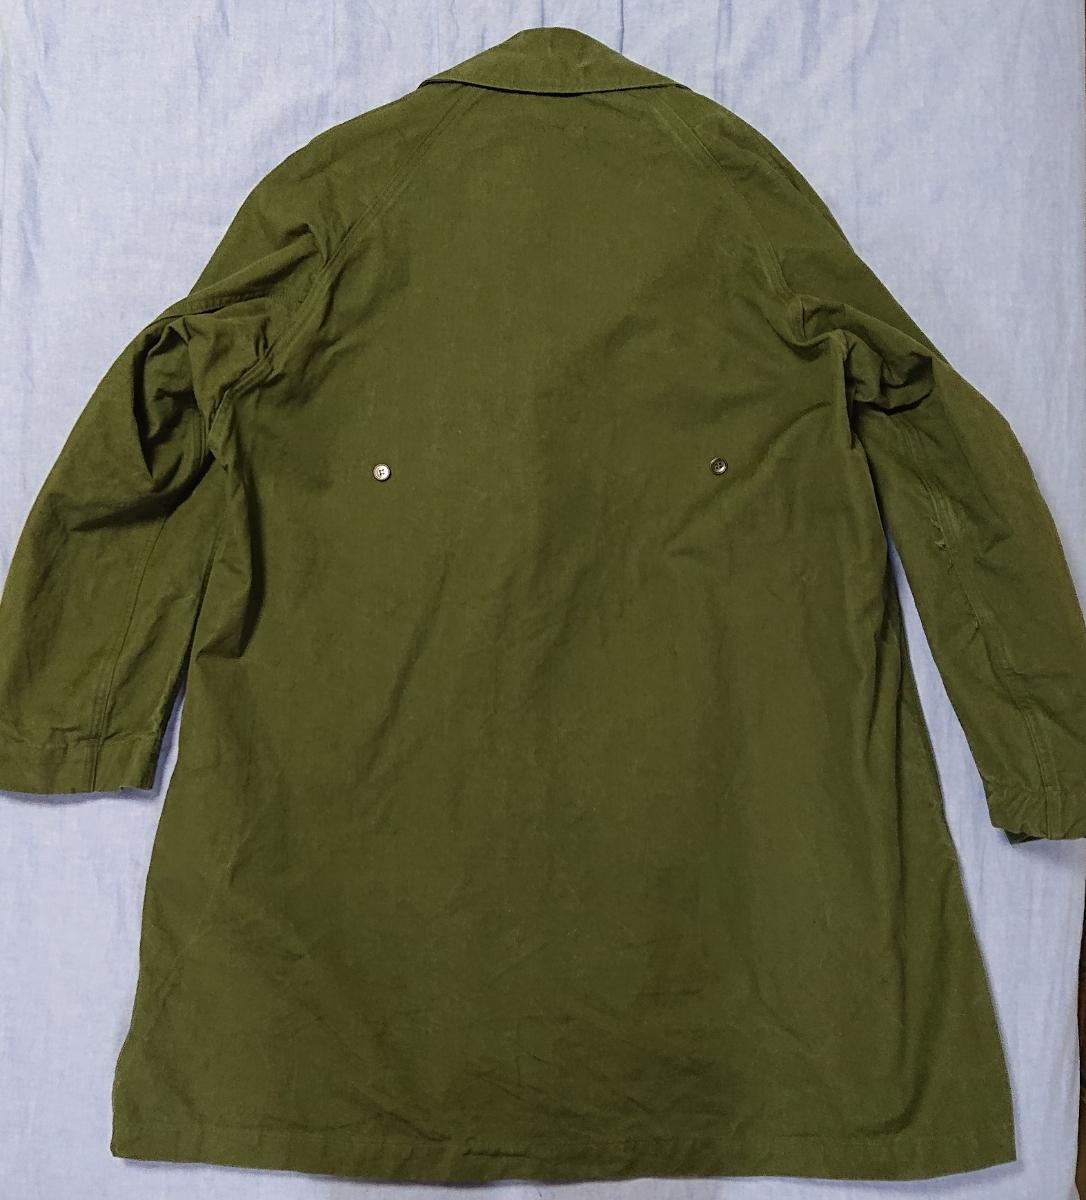 50~60'sビンテージ フランス軍ステンカラーコート タイロッケンコート アナトミカ好きな方に _画像2